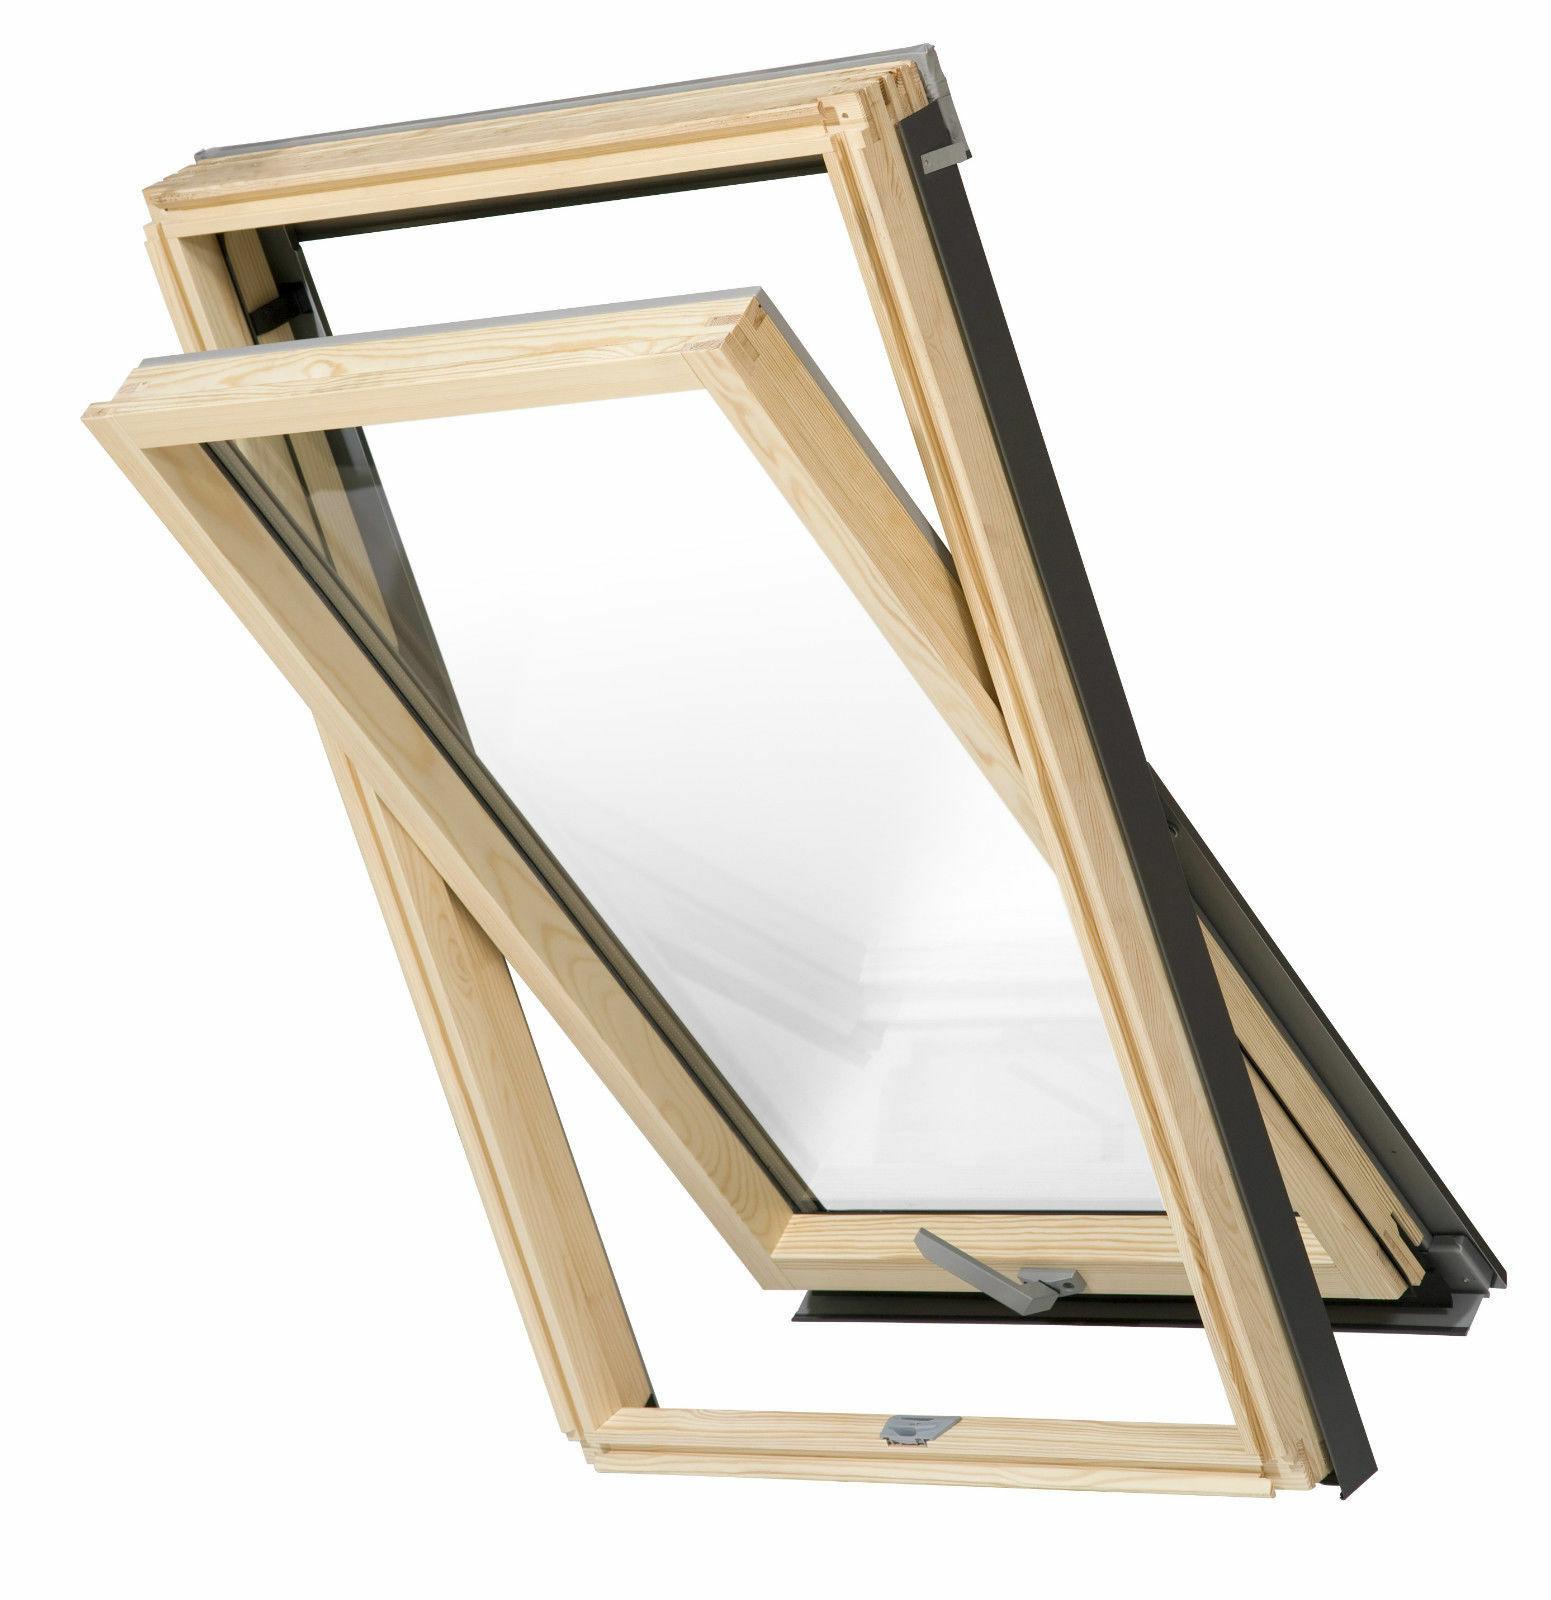 Full Size of Velux Scharnier Velufenster Gnstig Kaufen Ebay Fenster Einbauen Rollo Preise Ersatzteile Wohnzimmer Velux Scharnier